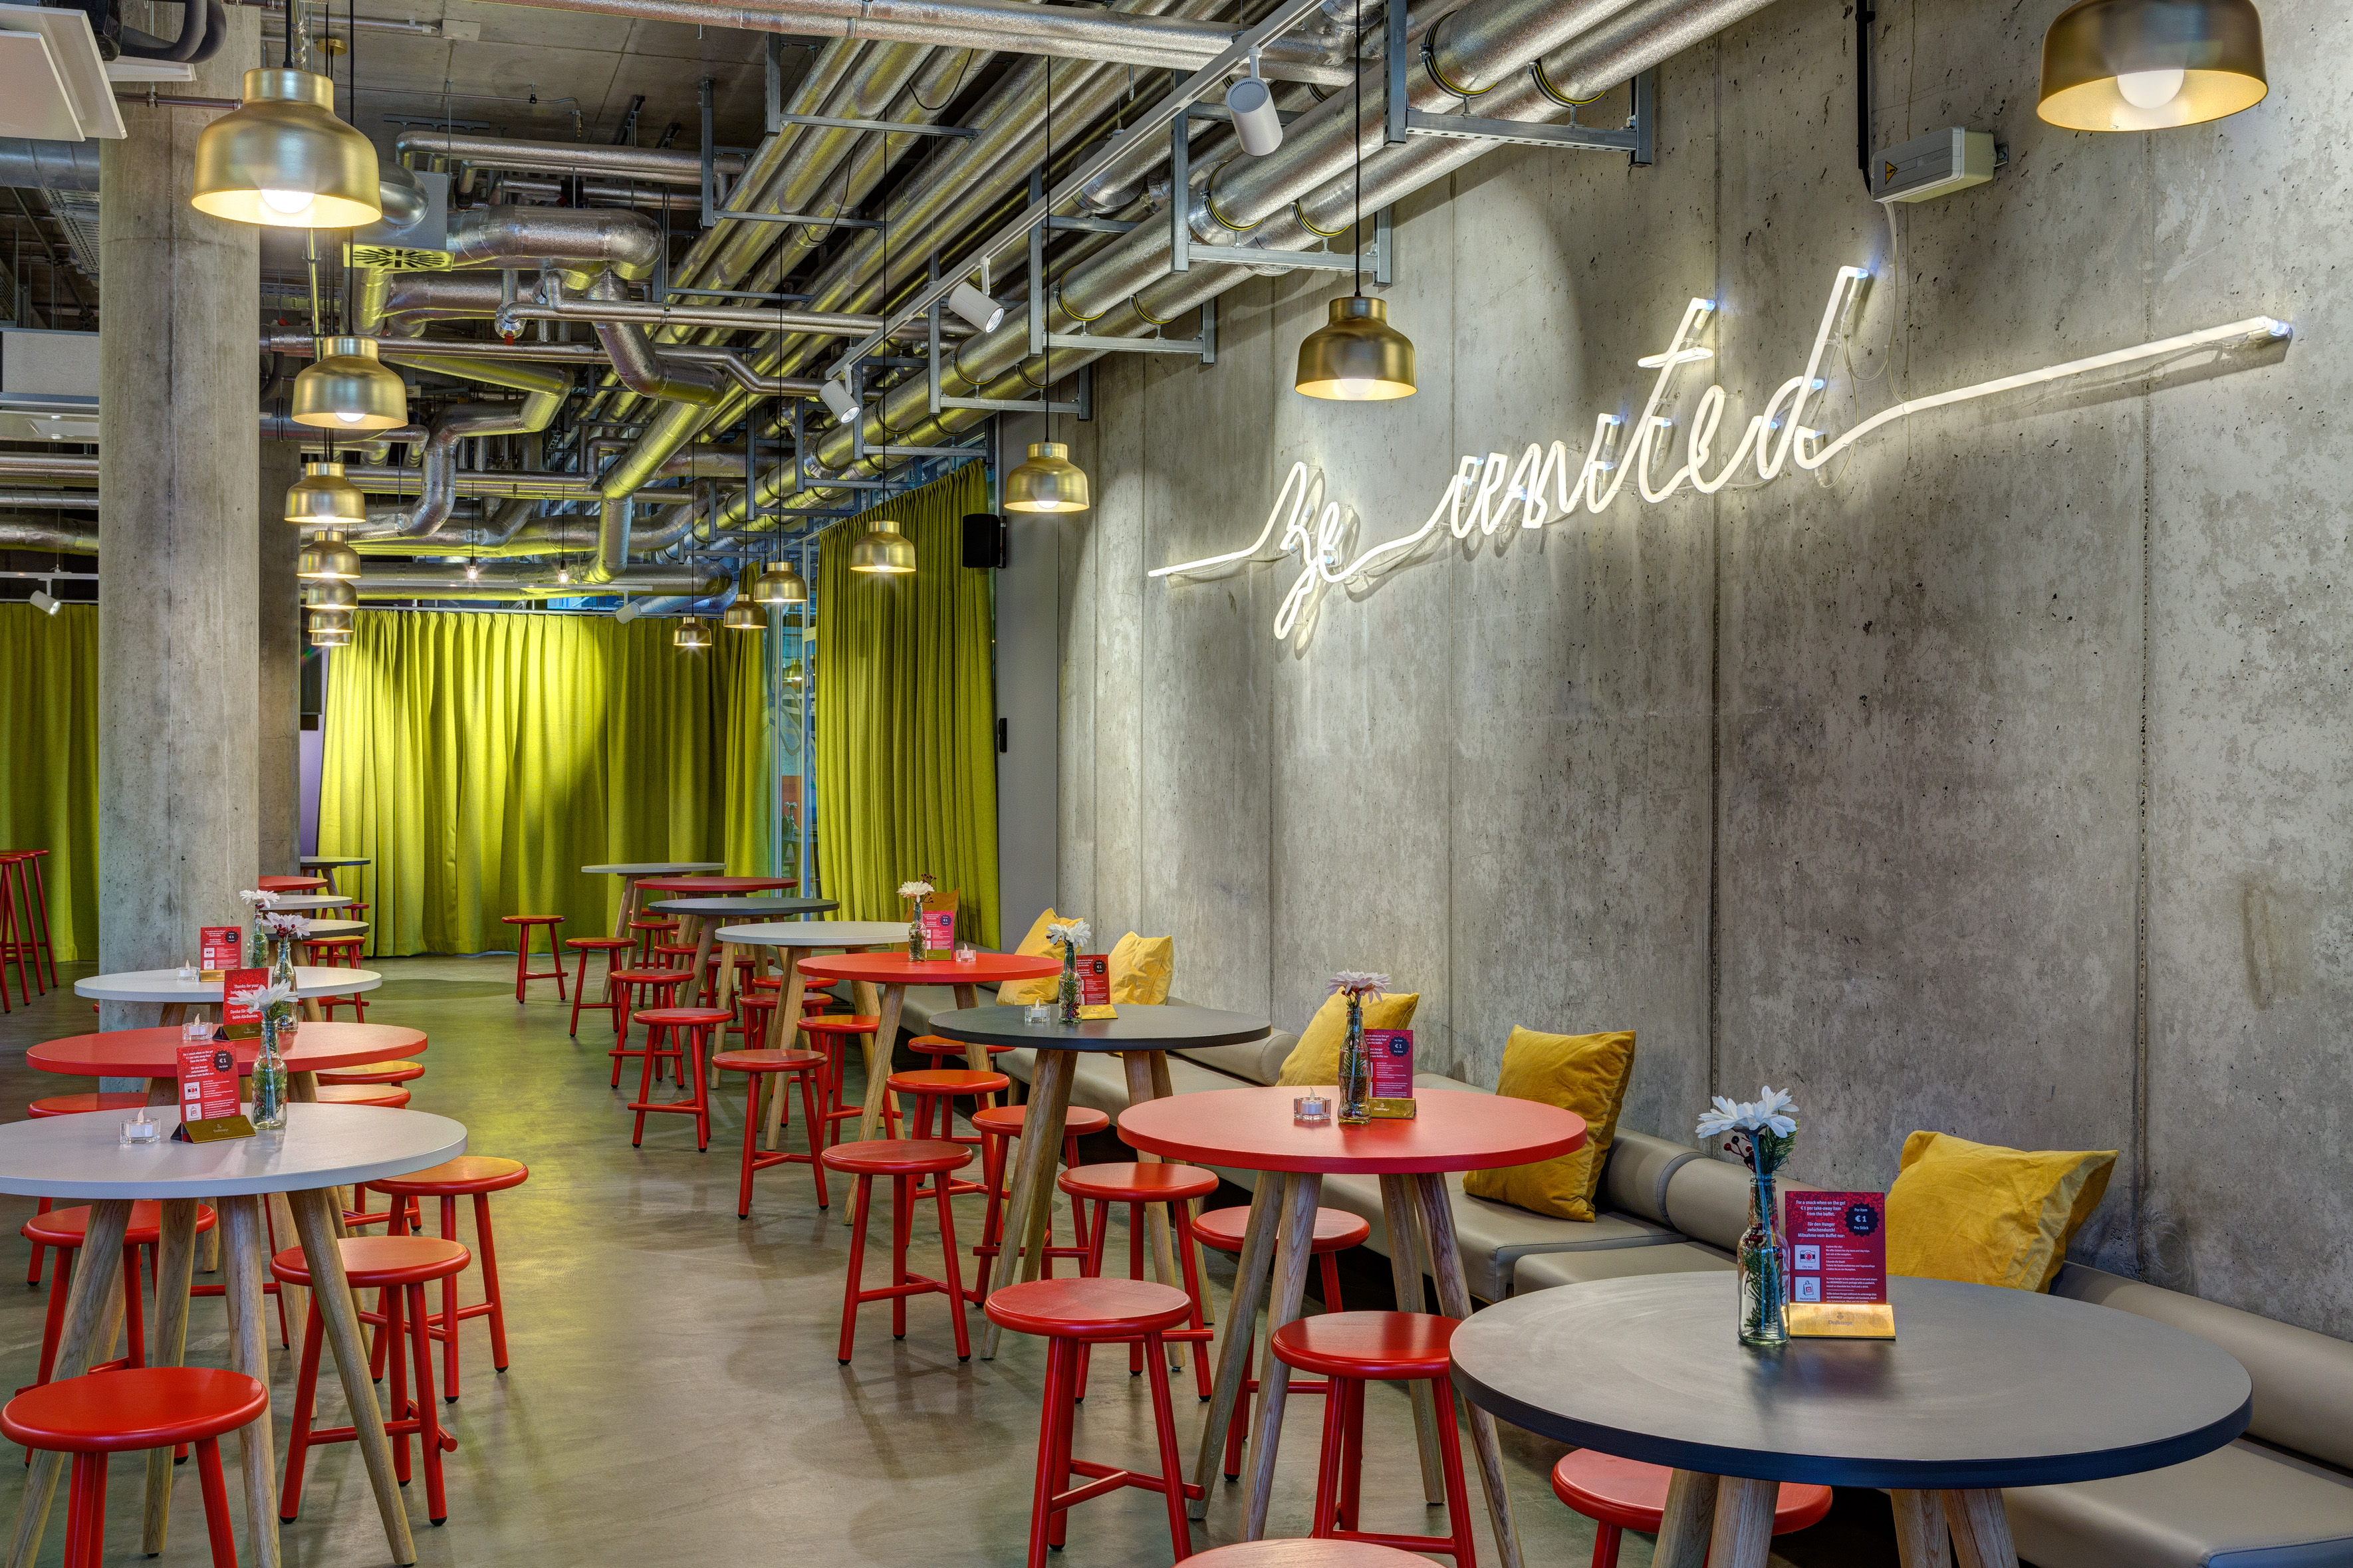 MEININGER Hotel Berlin East Side Gallery - Lounge